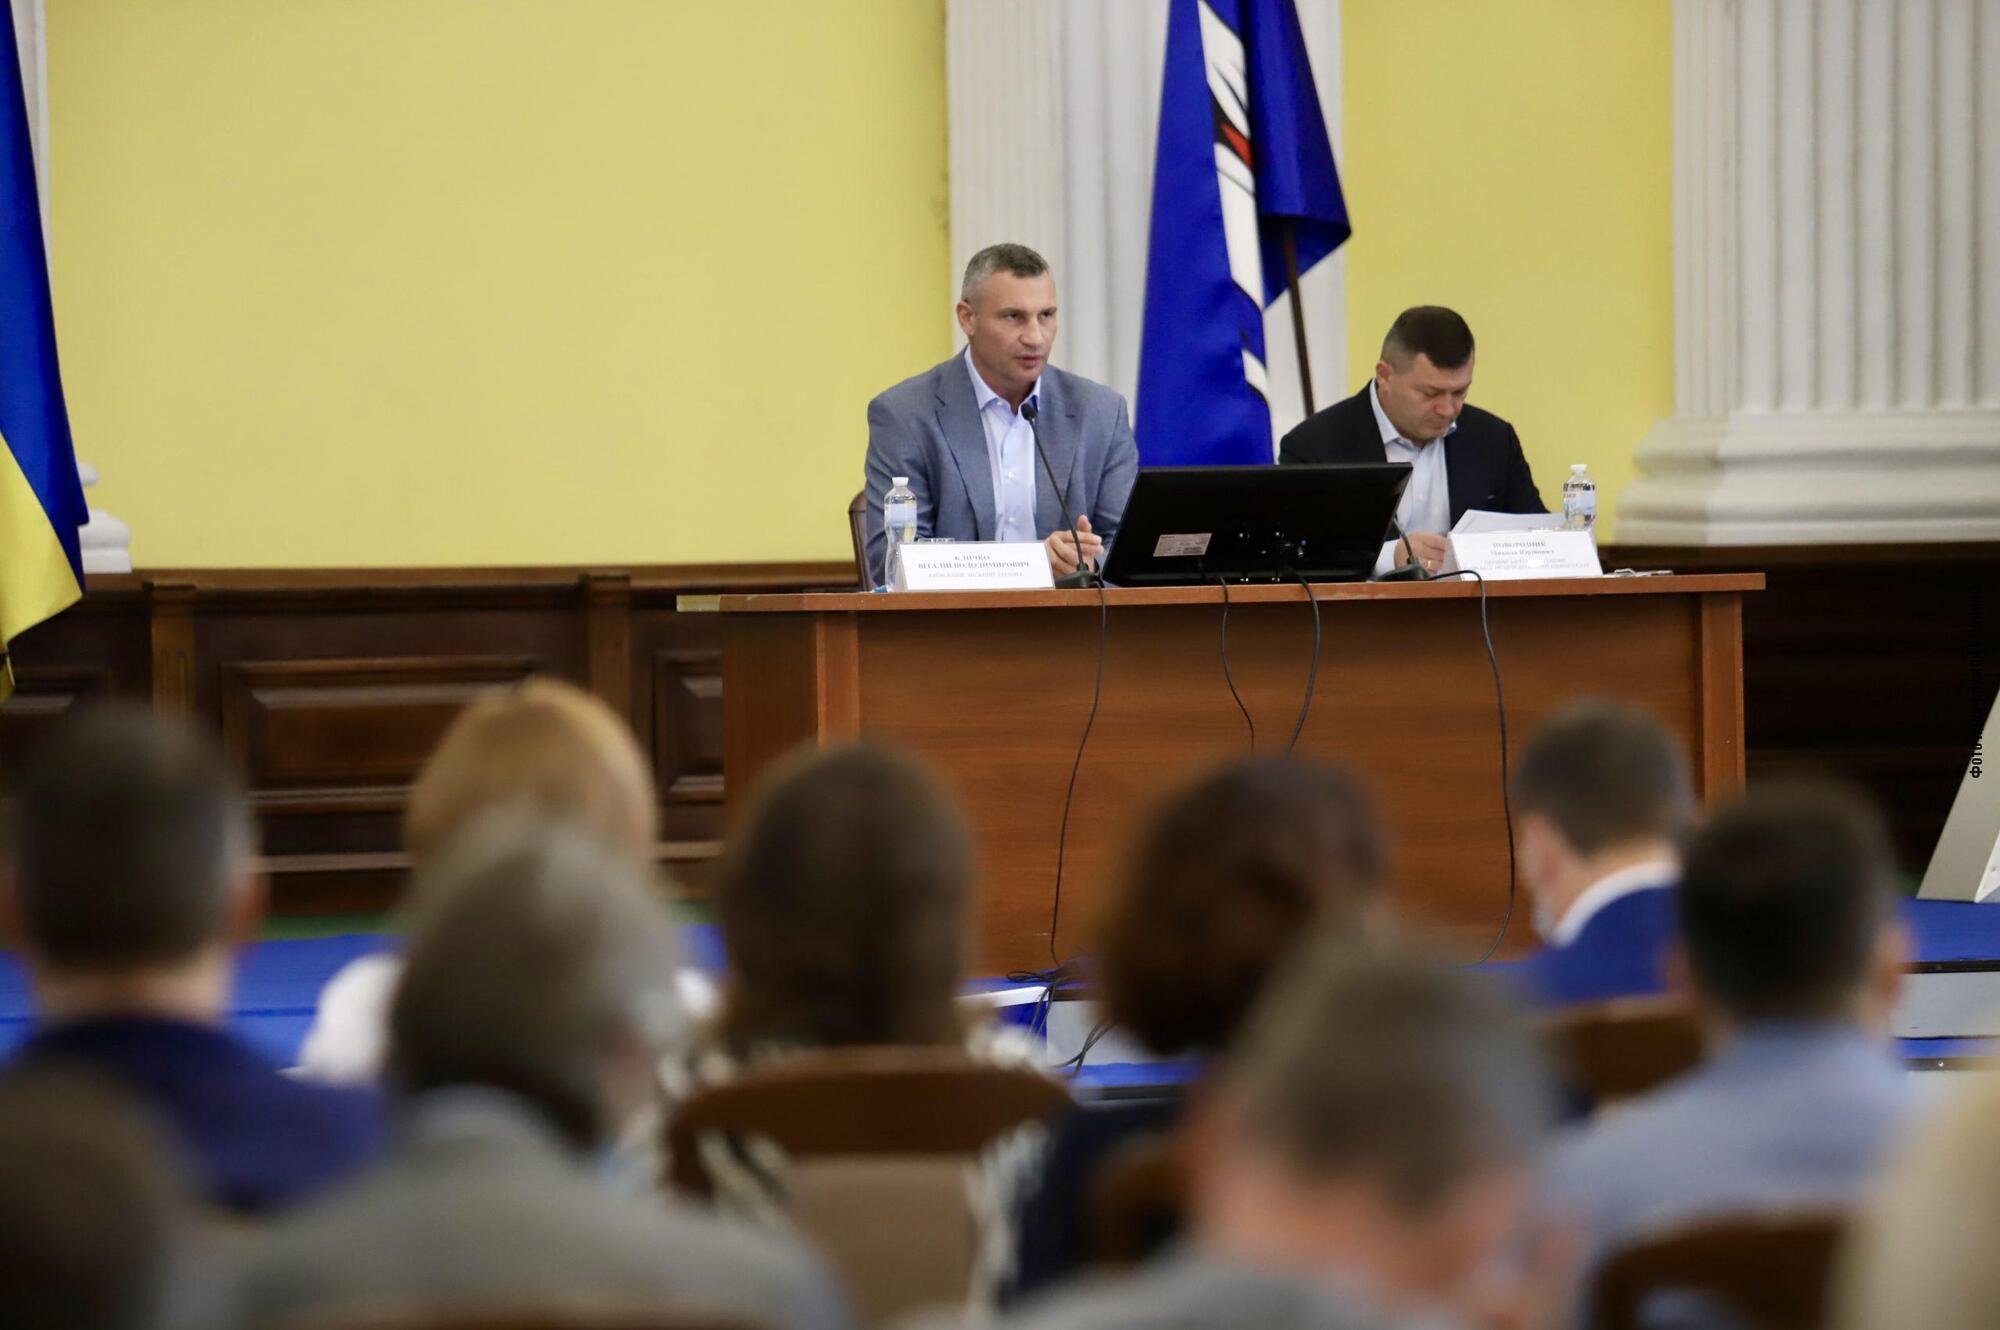 Кличко сообщил об открытии новой школы в Киеве